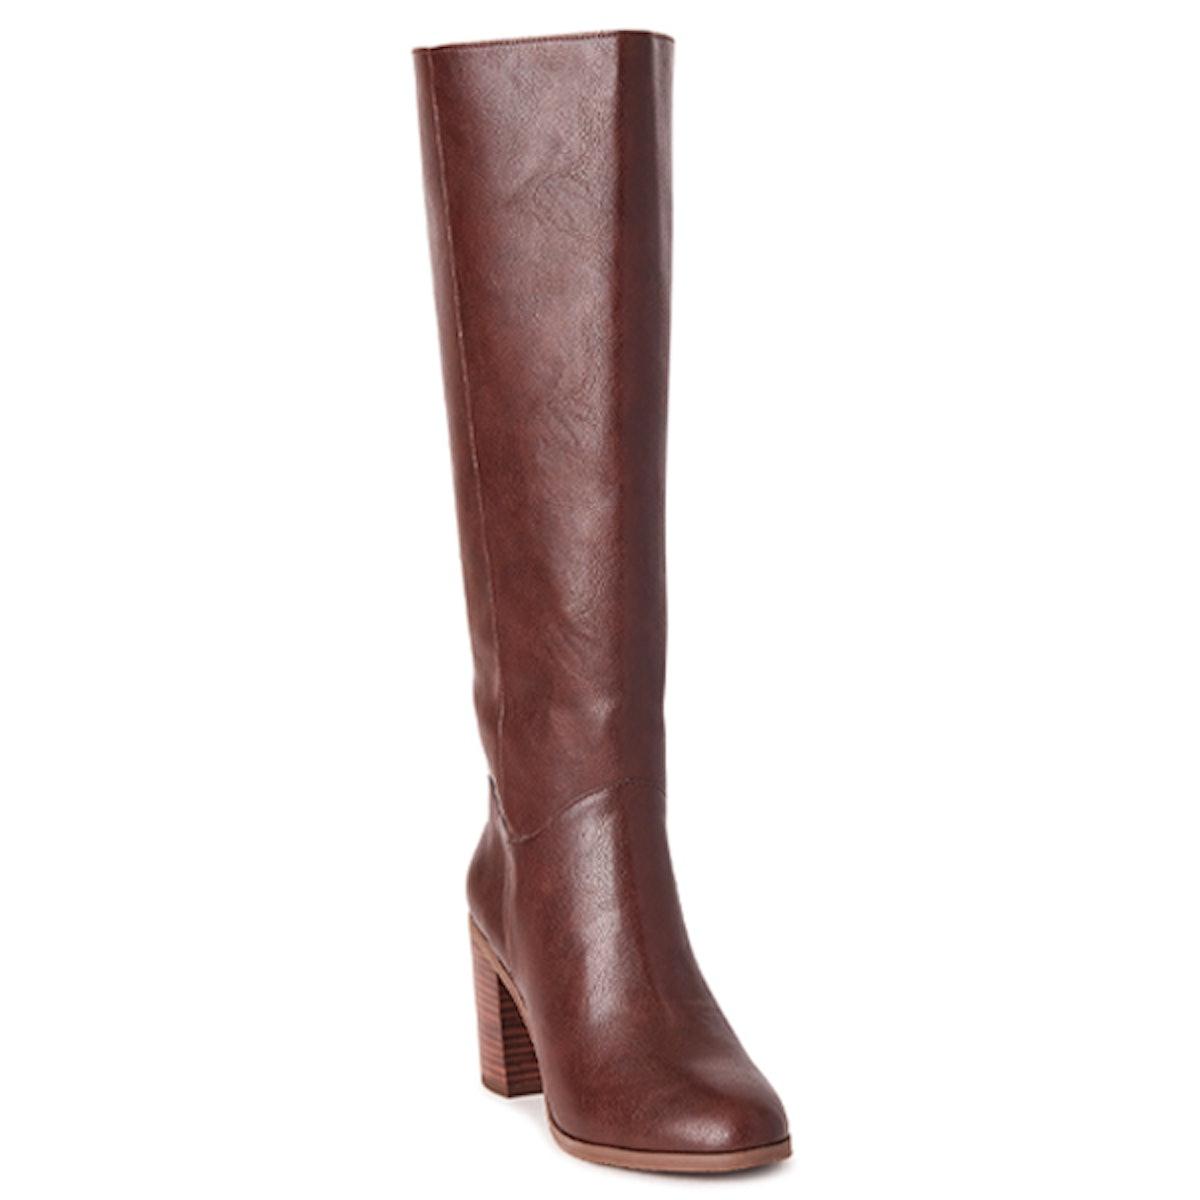 Vegan Leather Knee High Block Heel Boots